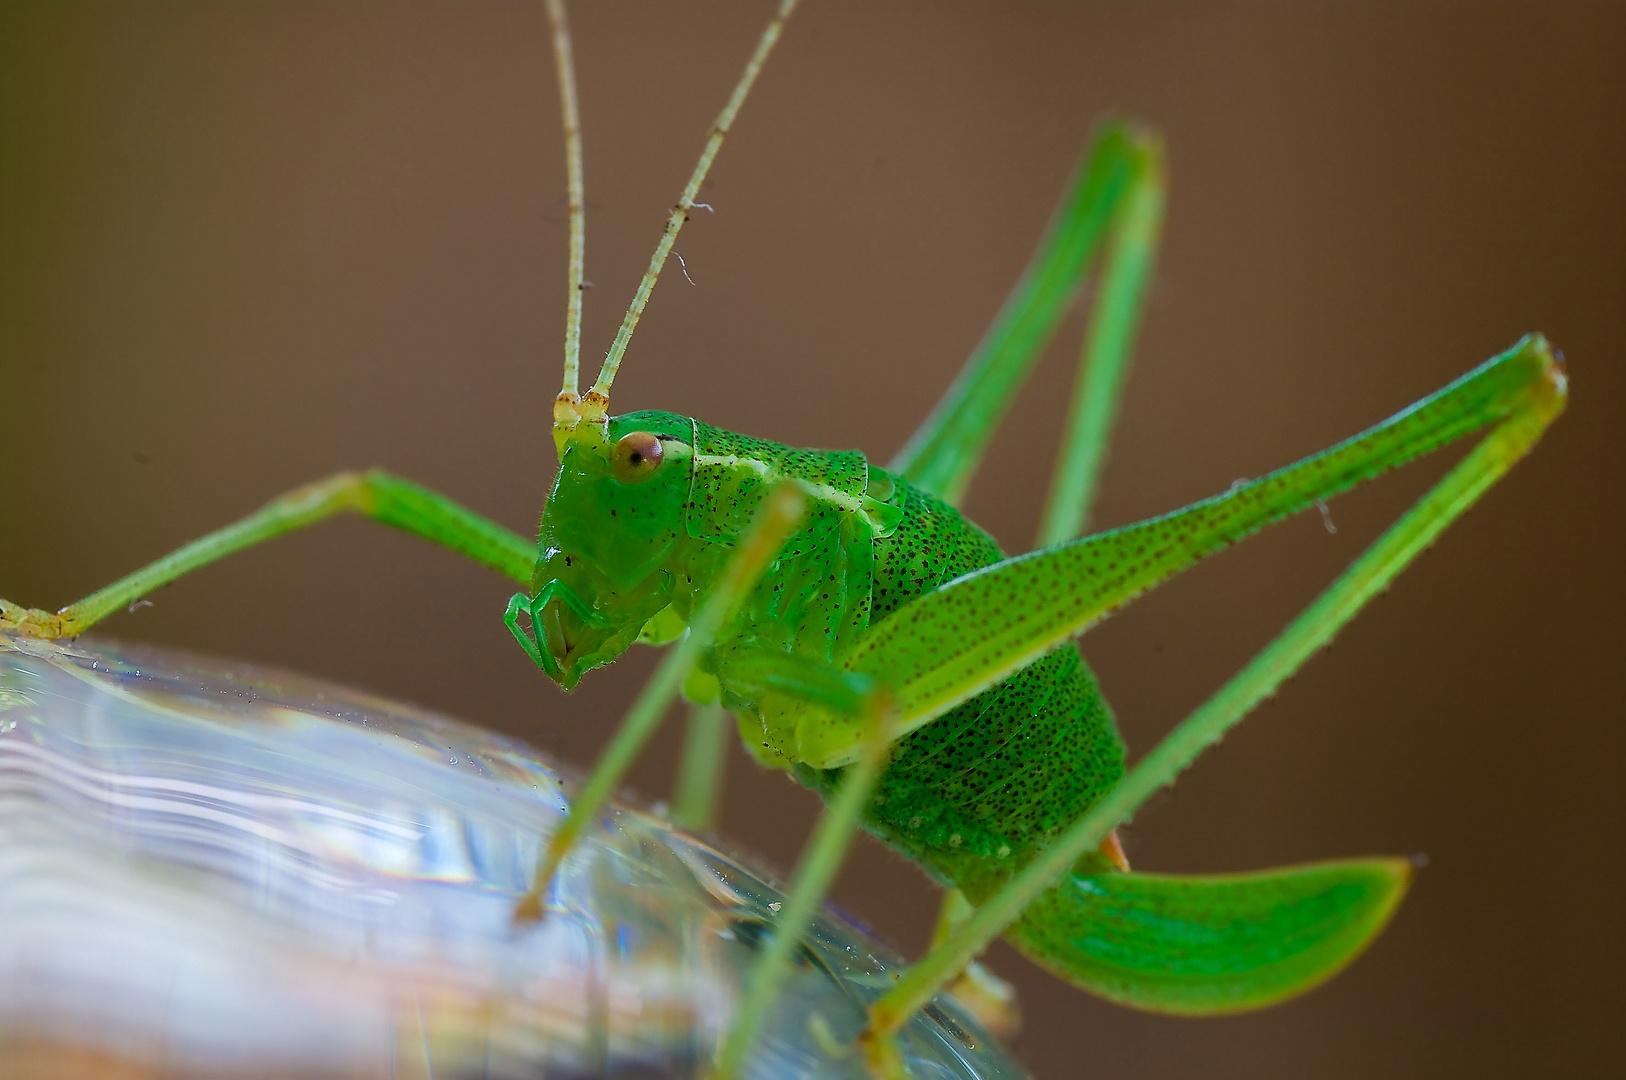 kleine gr ne heuschrecke foto bild tiere wildlife insekten bilder auf fotocommunity. Black Bedroom Furniture Sets. Home Design Ideas